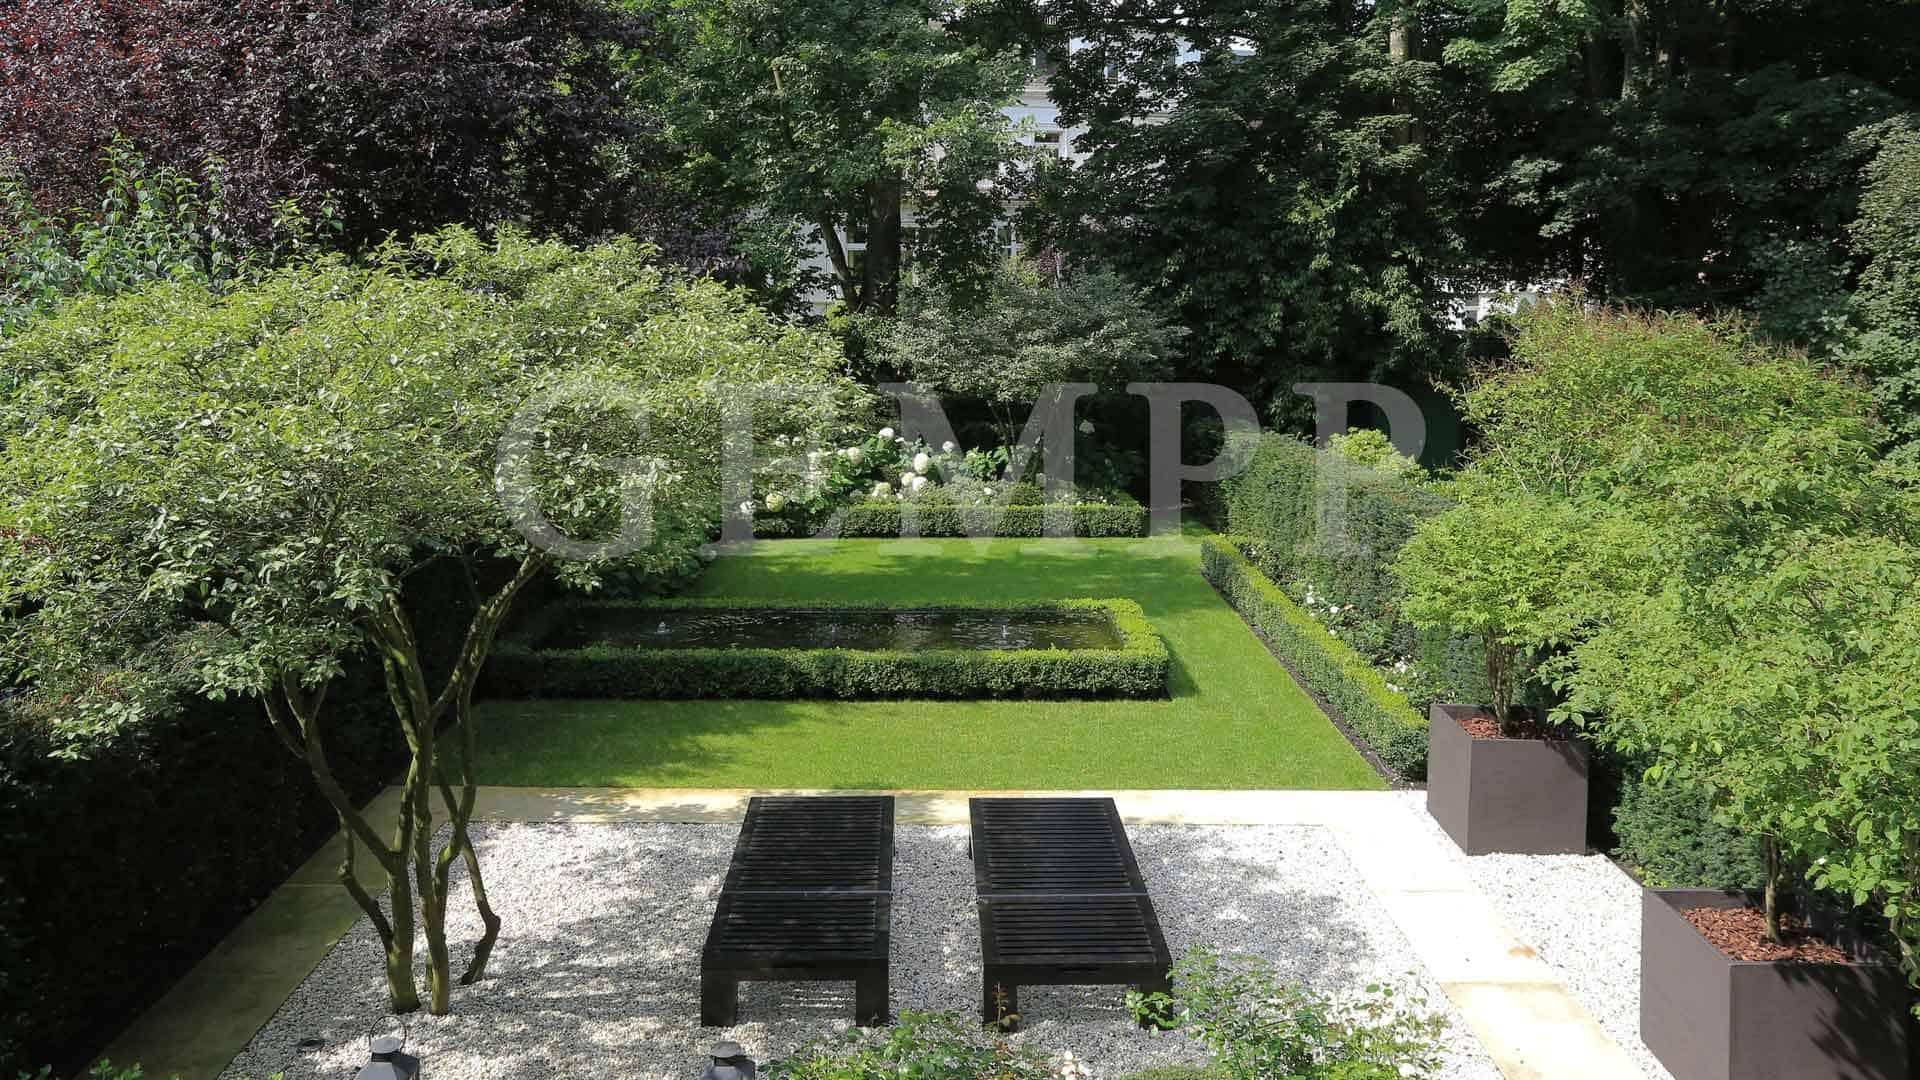 Gartenarchitekt Landschaftsarchitekt Gartendesigner